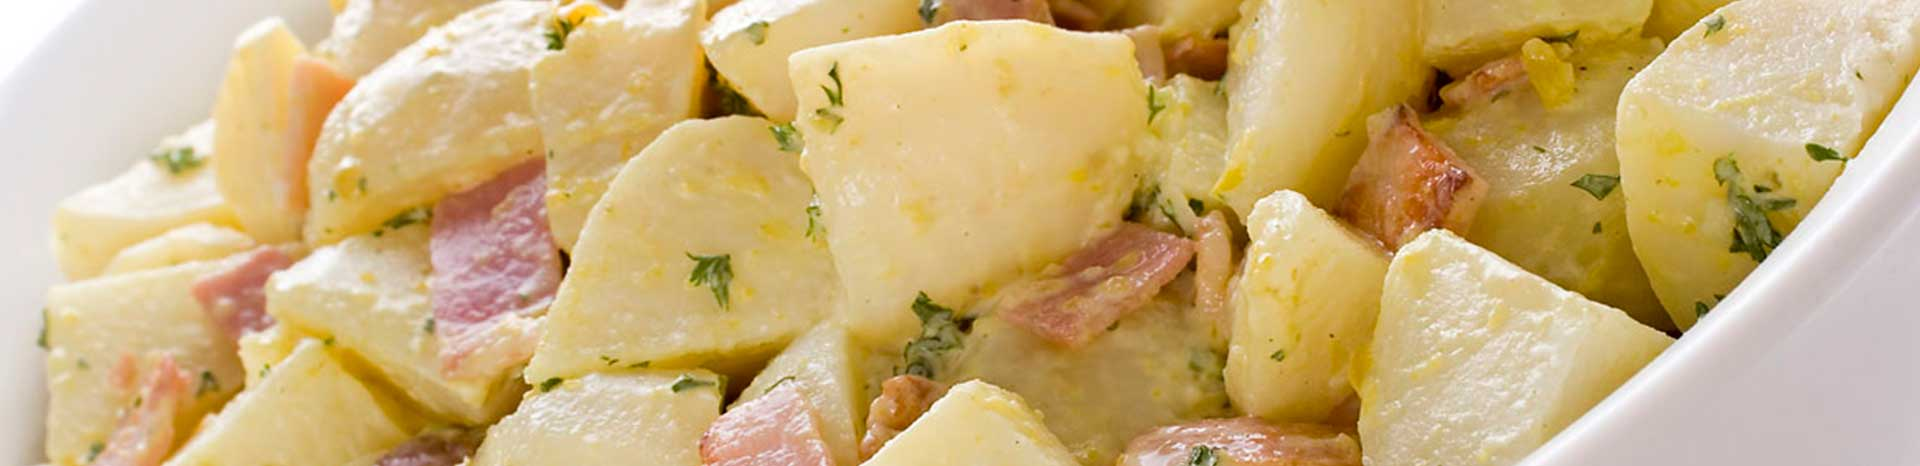 Ensalada de patatas y cebolla 1